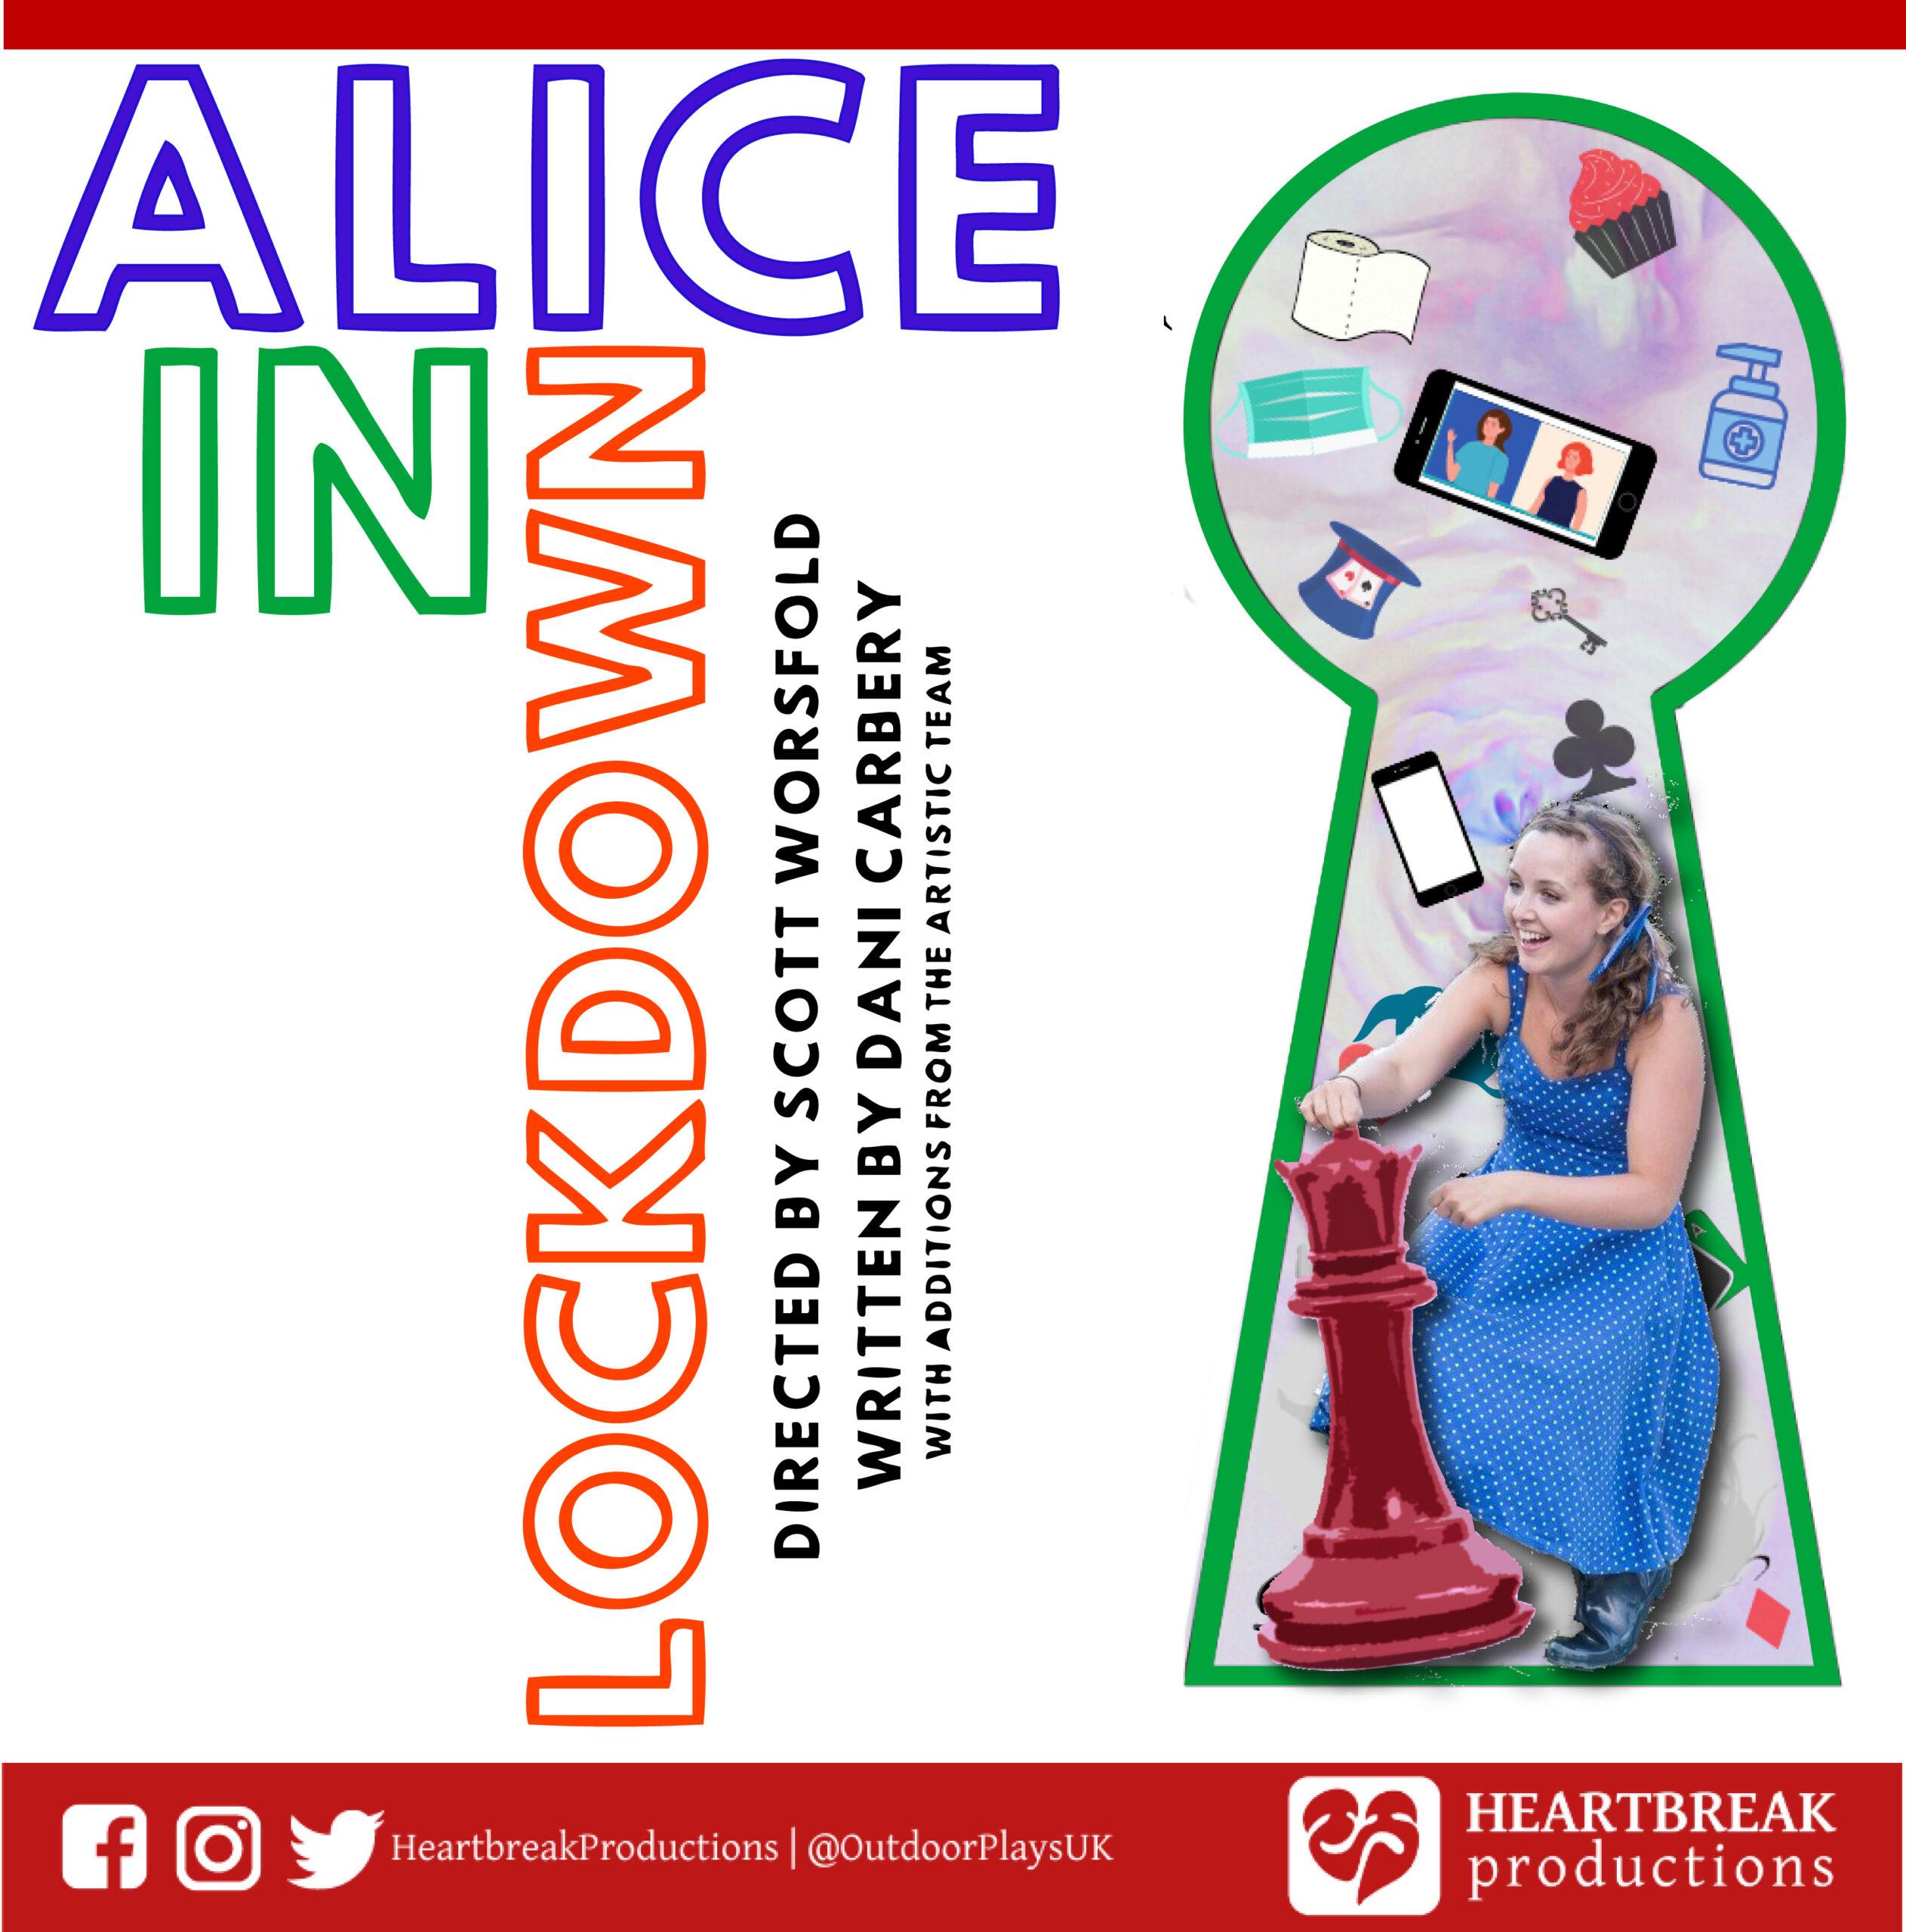 Alice in Lockdown